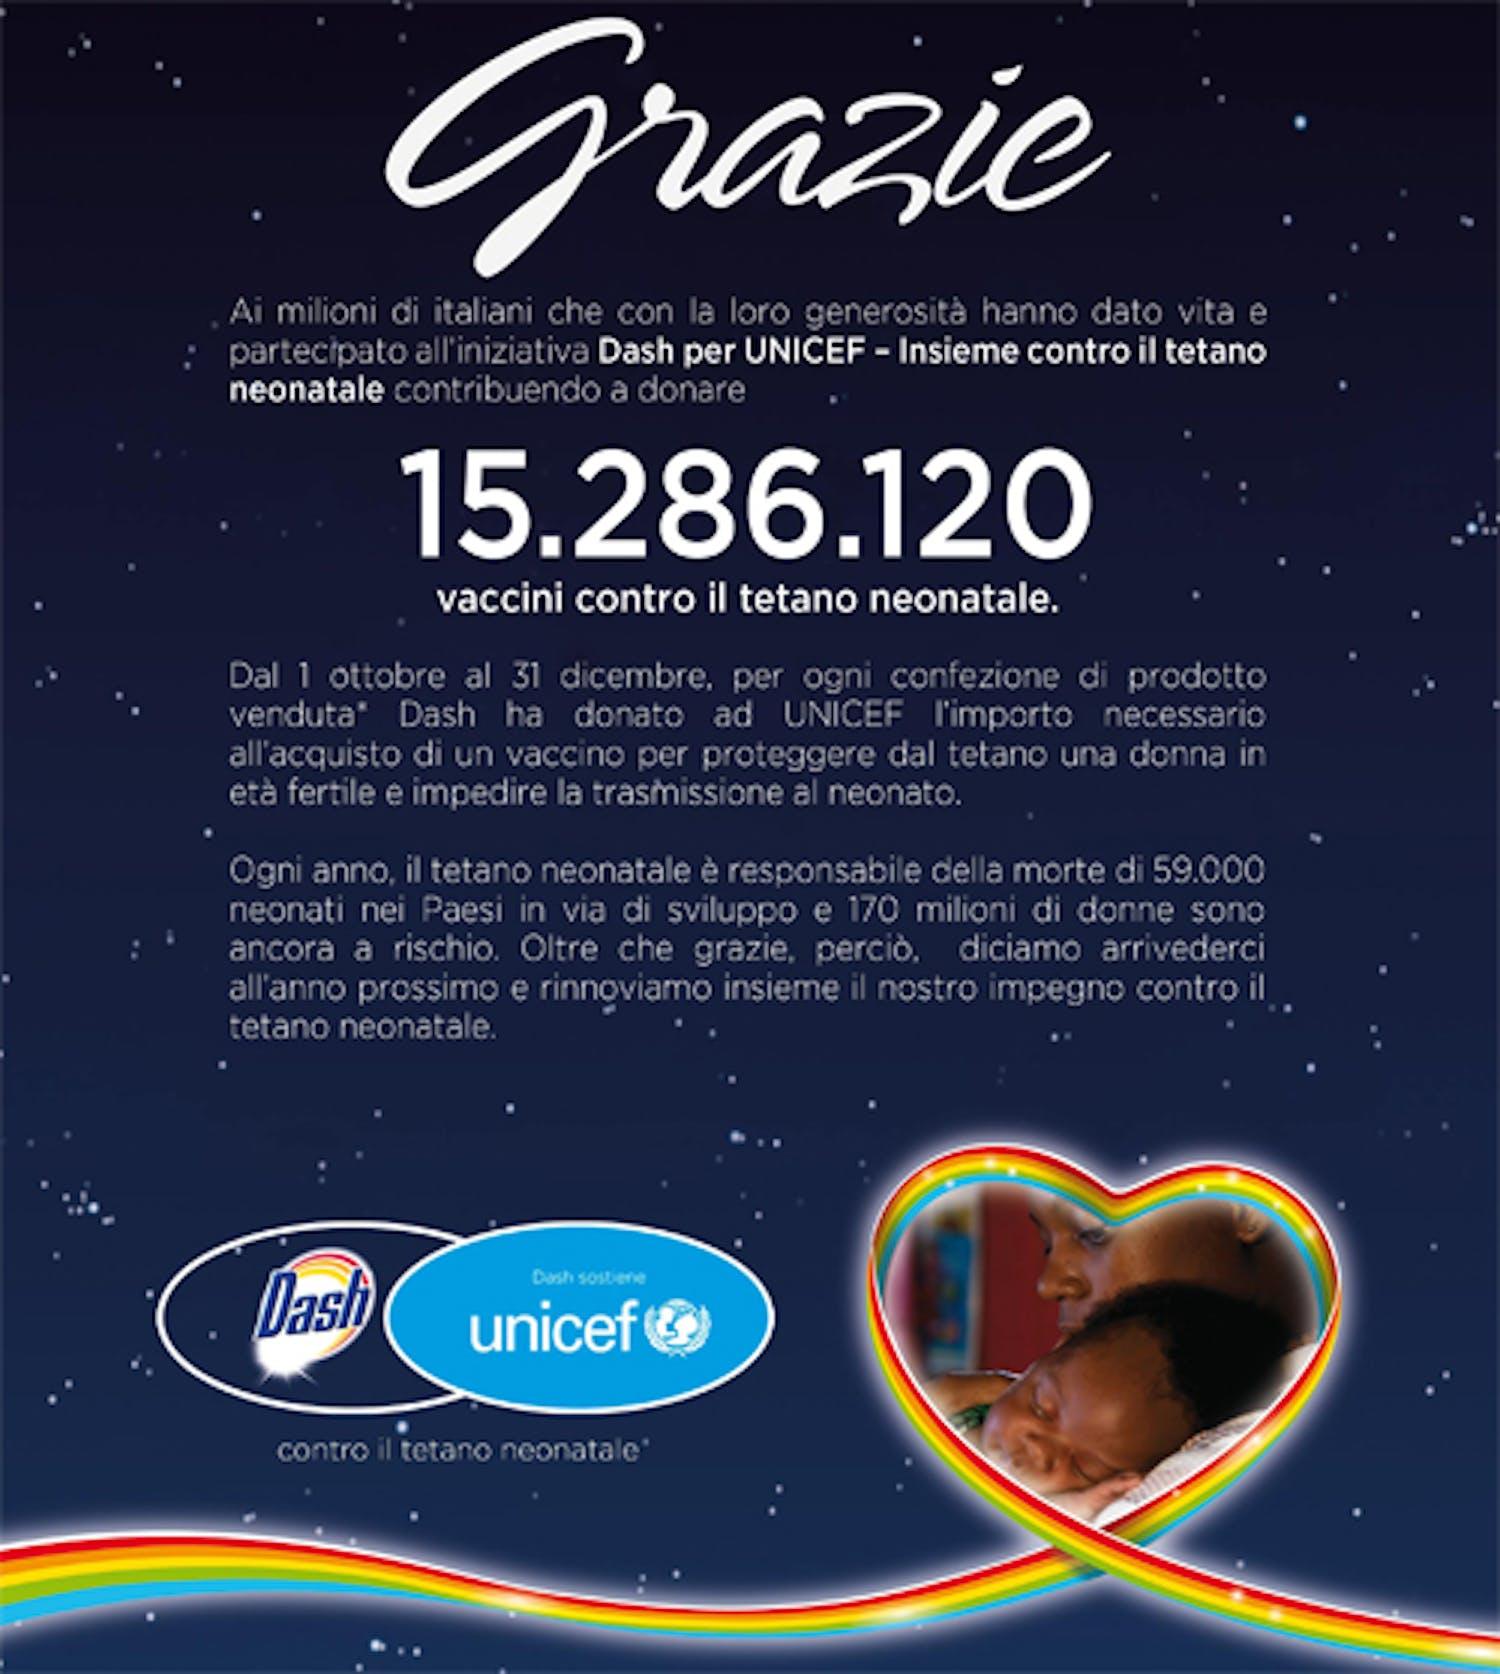 Dash e UNICEF insieme contro il tetano neonatale, oltre 15 milioni di vaccini raccolti